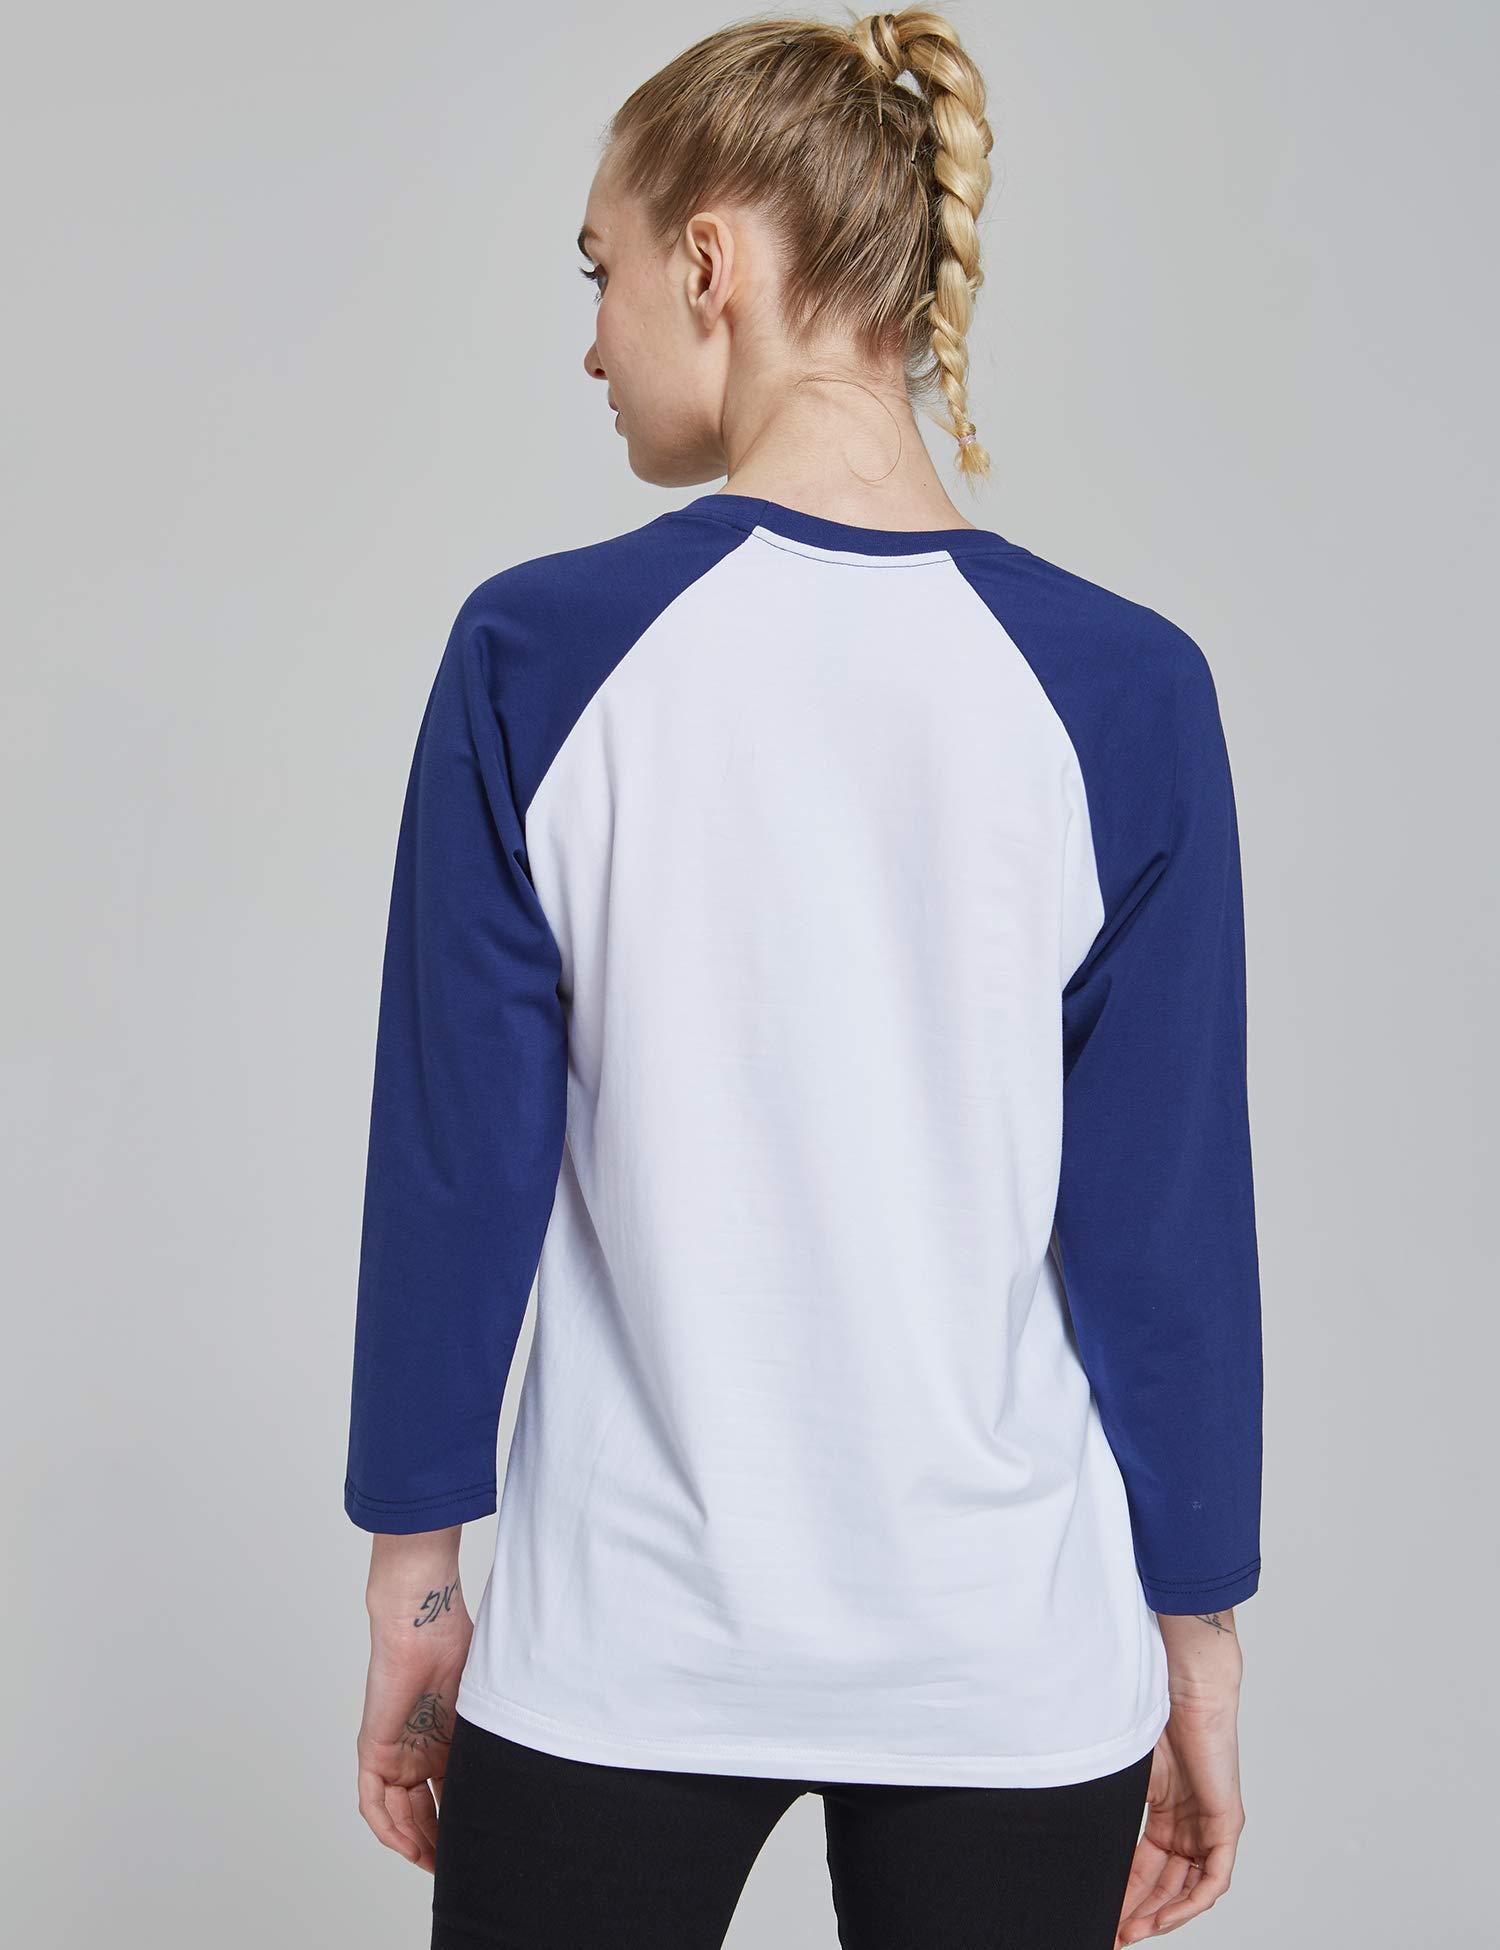 Suntasty Damen Langarmshirt 3/4 Ärmel Shirt mit Rundhals-Ausschnitt in verschiedenen Farben (SS001W/White and Blues)